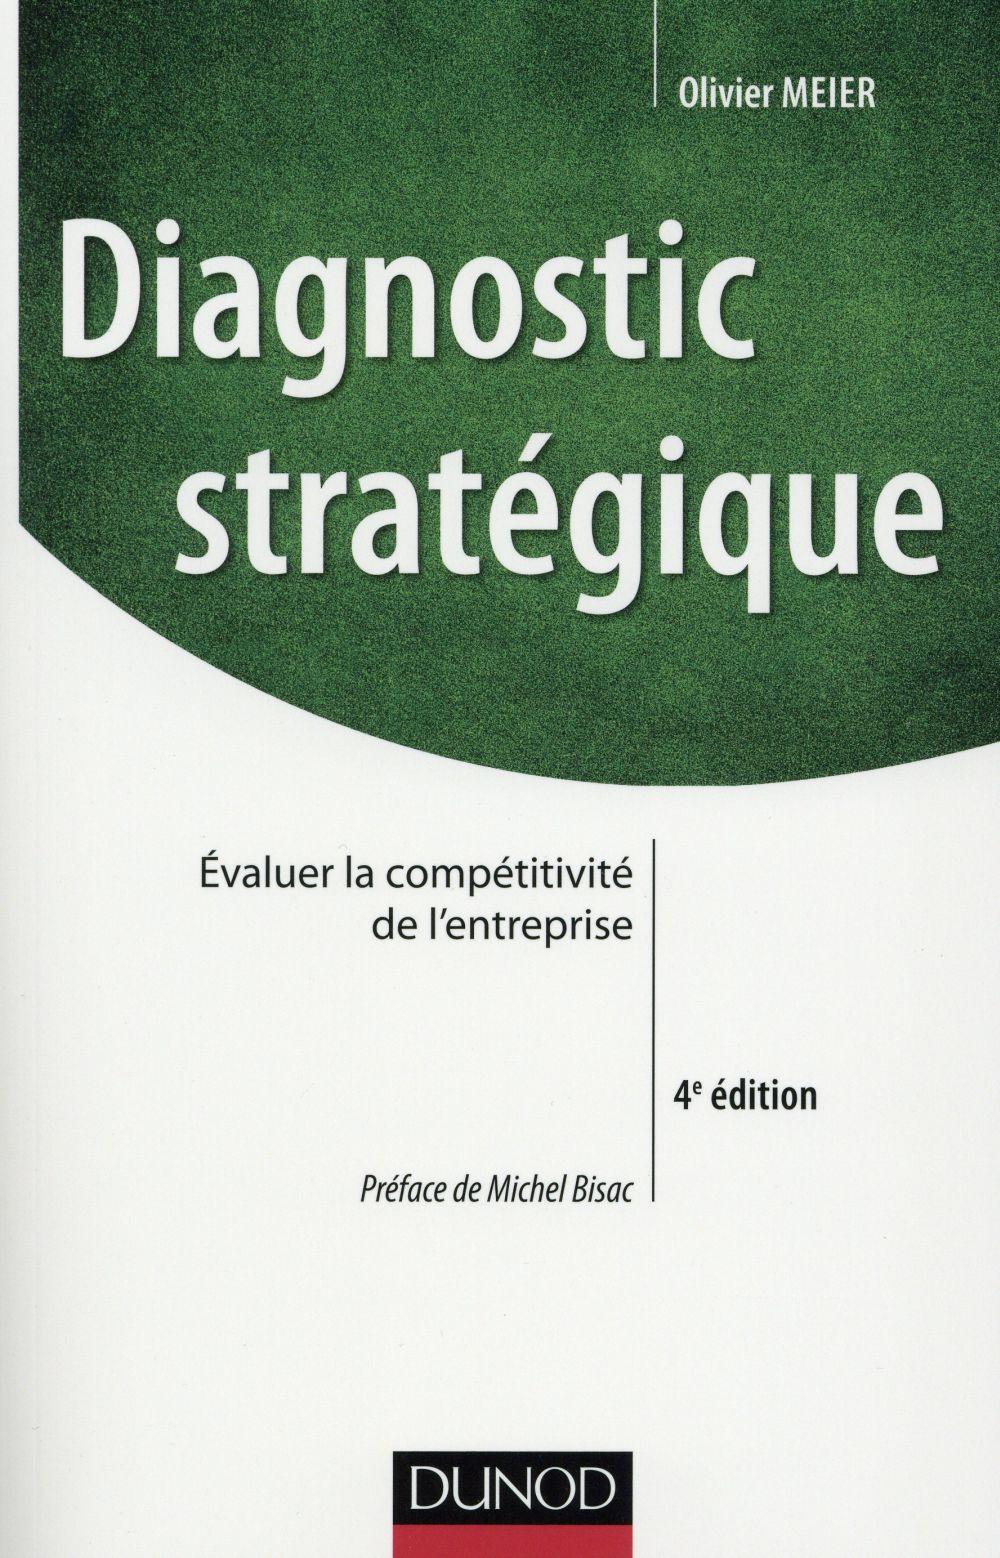 Diagnostic stratégique (4e édition) ; évaluer la compétitivité de l'entreprise